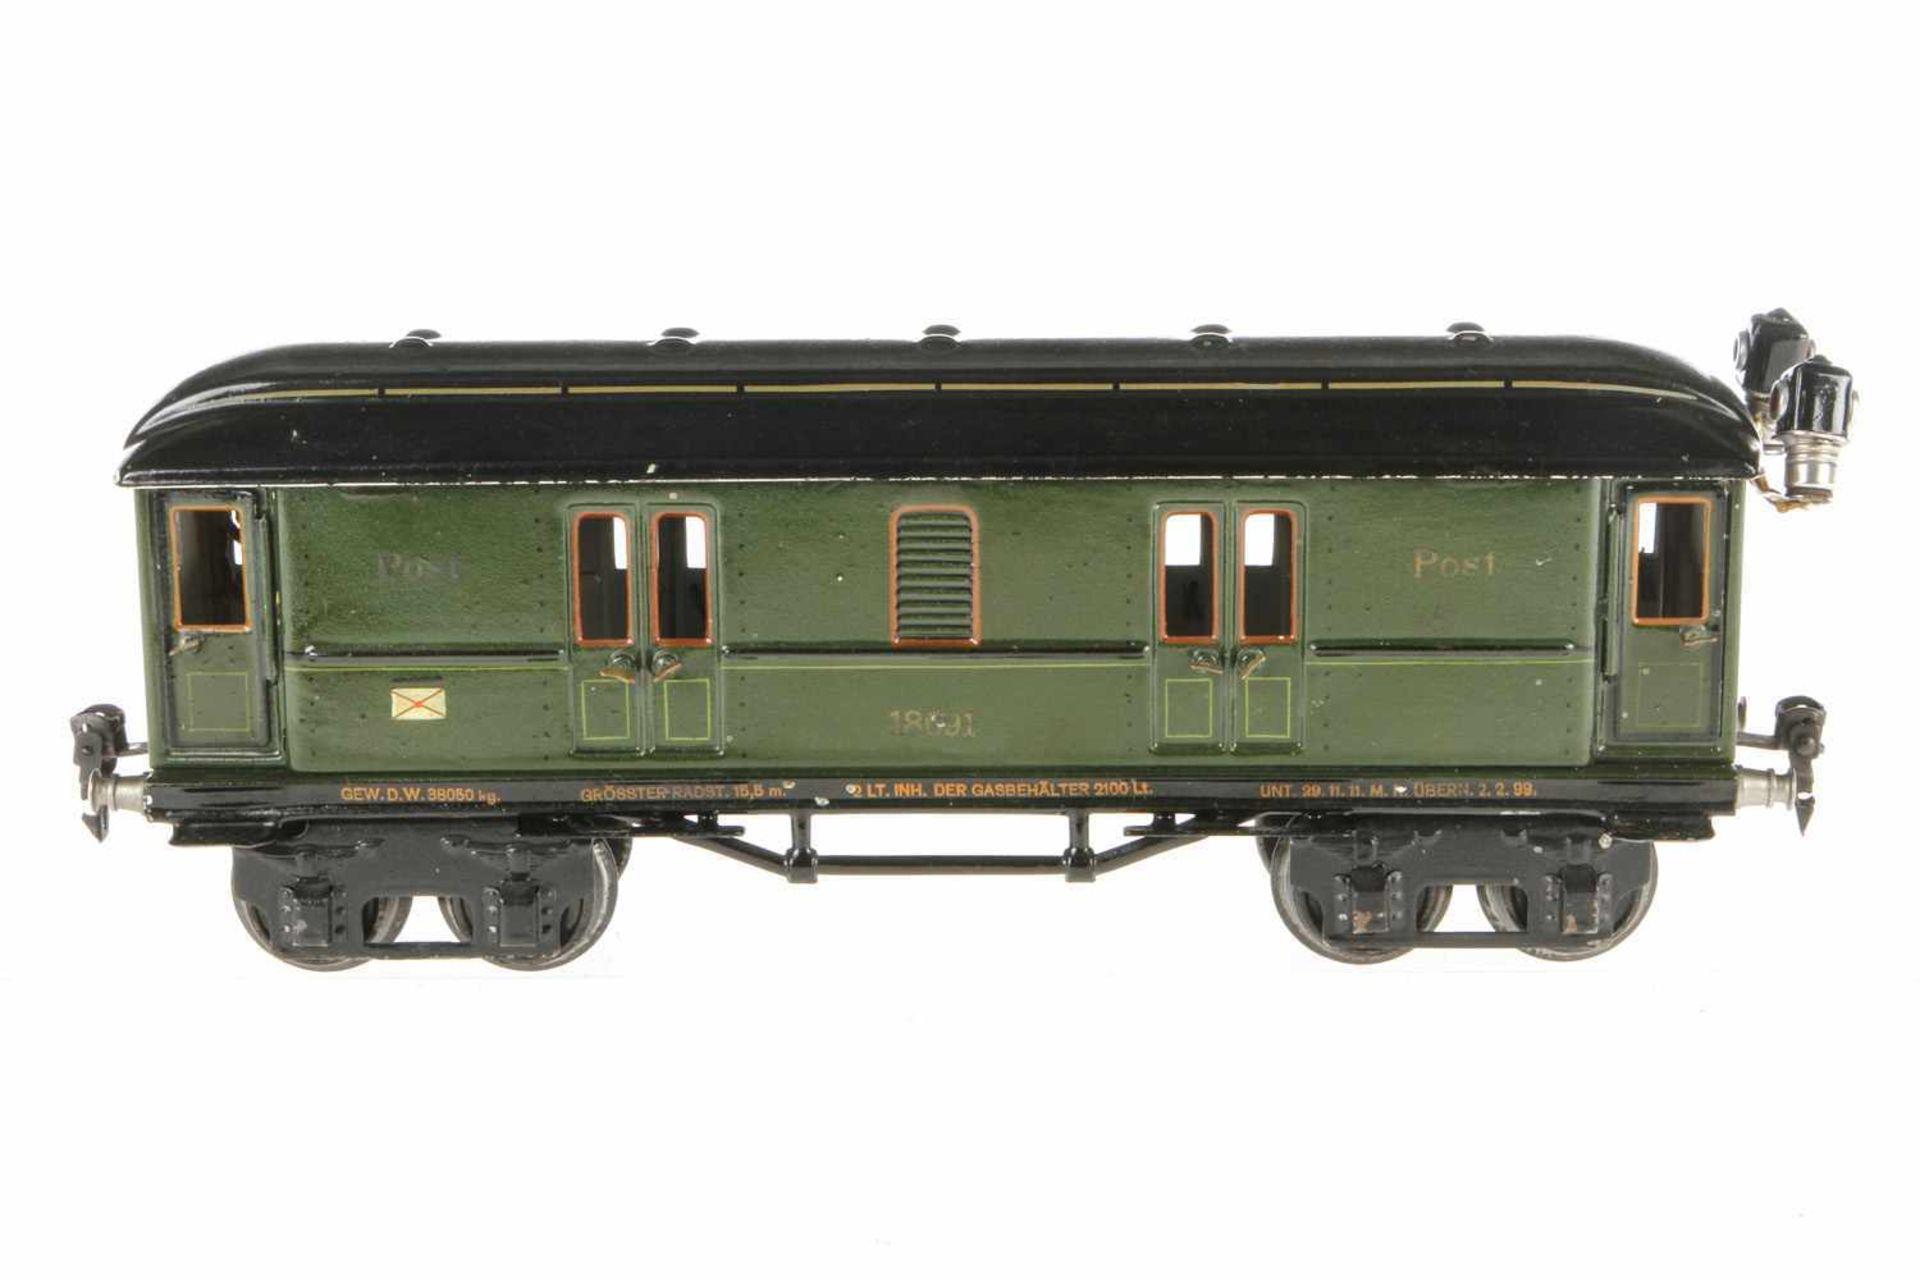 Märklin Postwagen 1869, S 1, HL, mit 4 AT, Innen- und Schlussbeleuchtung, LS und gealterter Lack,